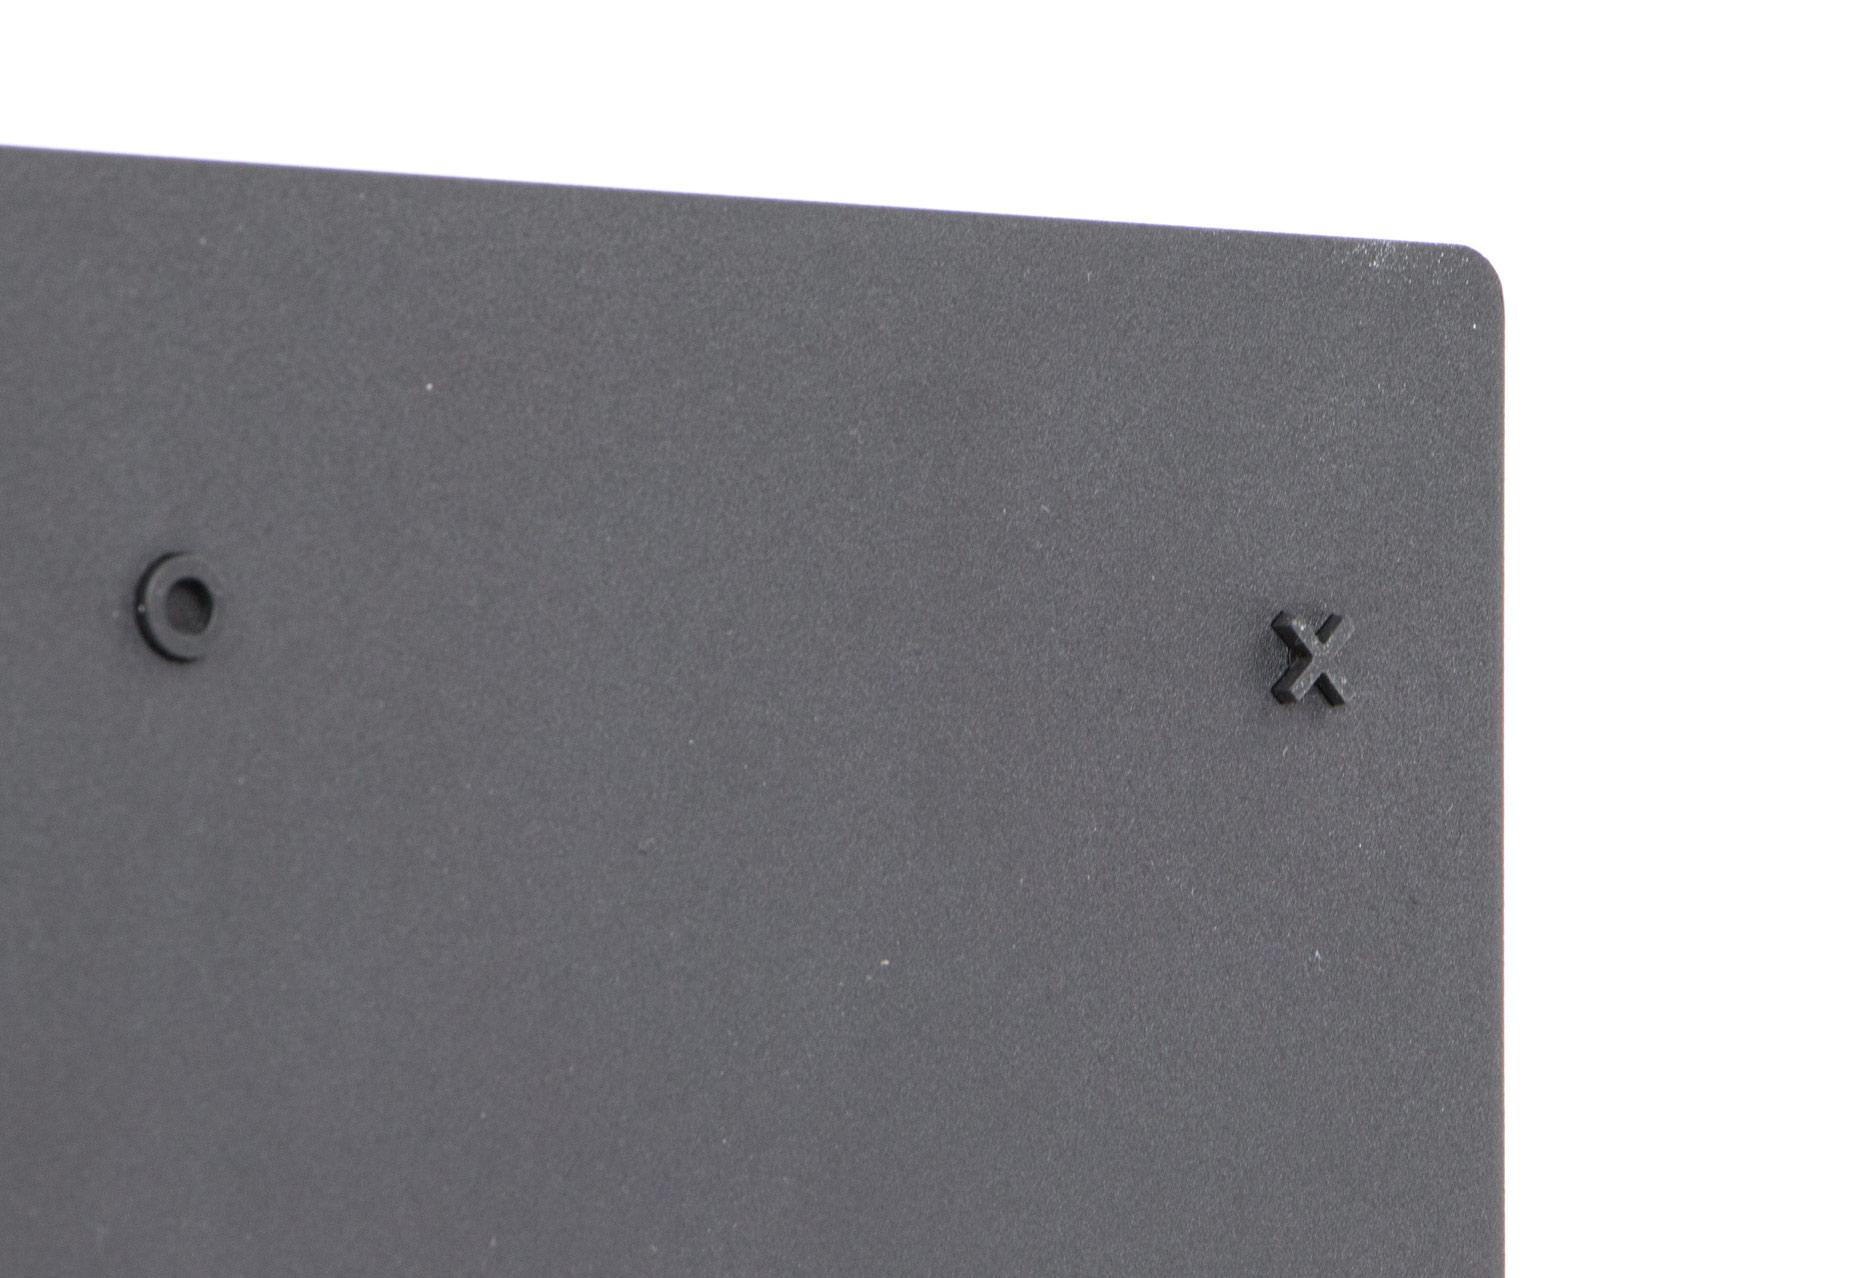 Playstation 4 Pro - gumowe stópki w charakterystycznym kształcie